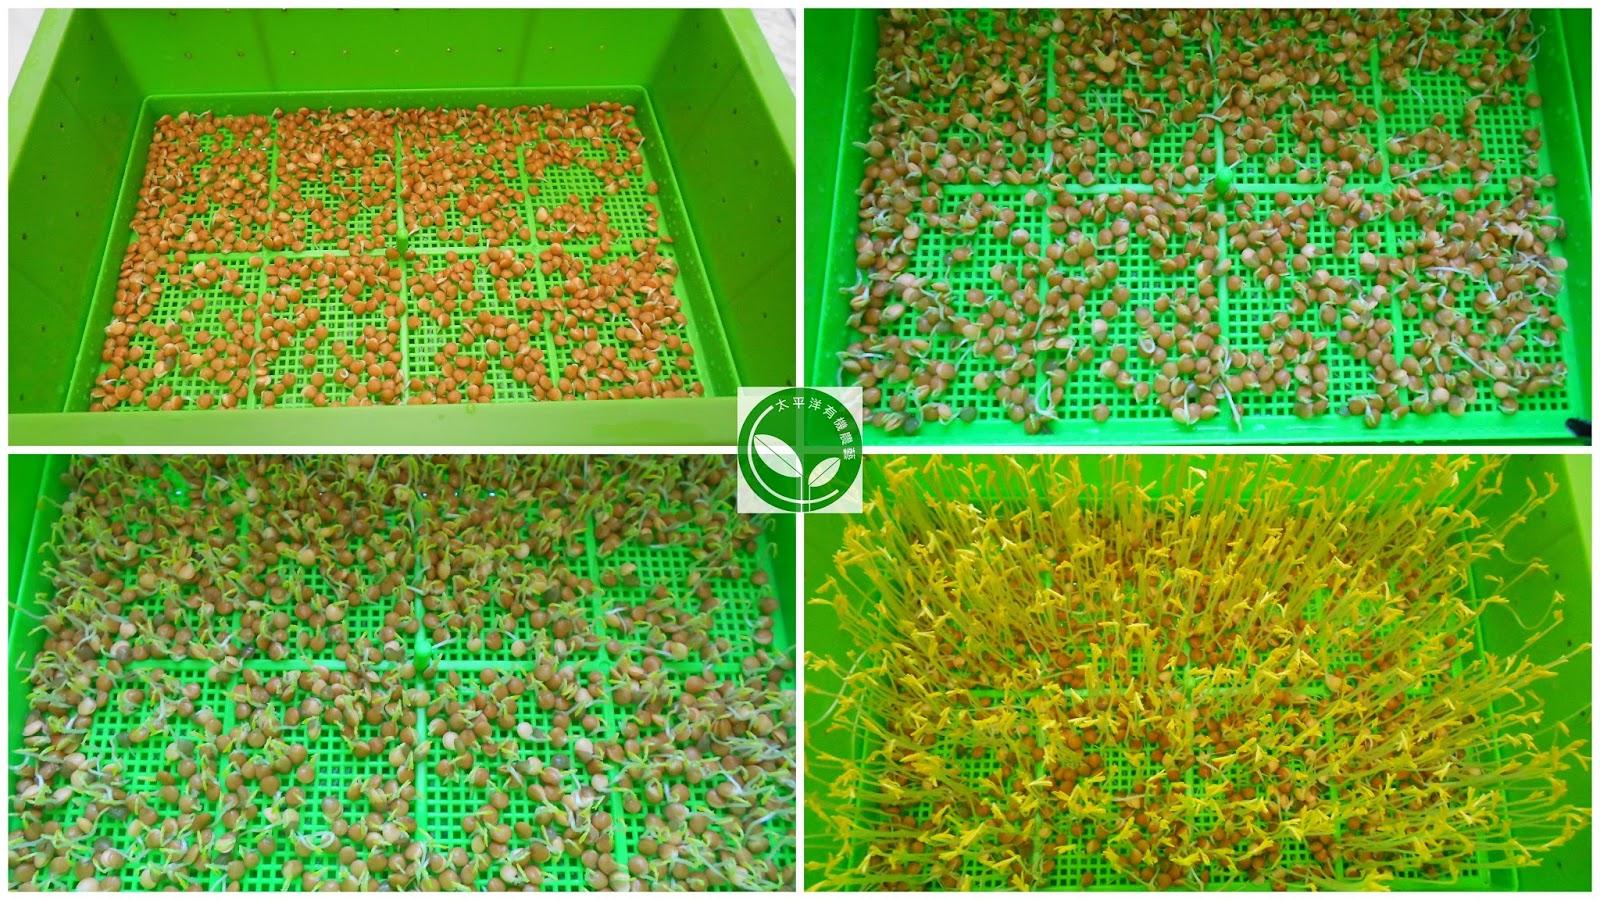 扁豆,紅扁豆,紅扁豆料理,紅扁豆食譜,紅扁豆營養,扁豆功效,綠扁豆,扁豆種植,扁豆哪裡買,綠扁豆的功效